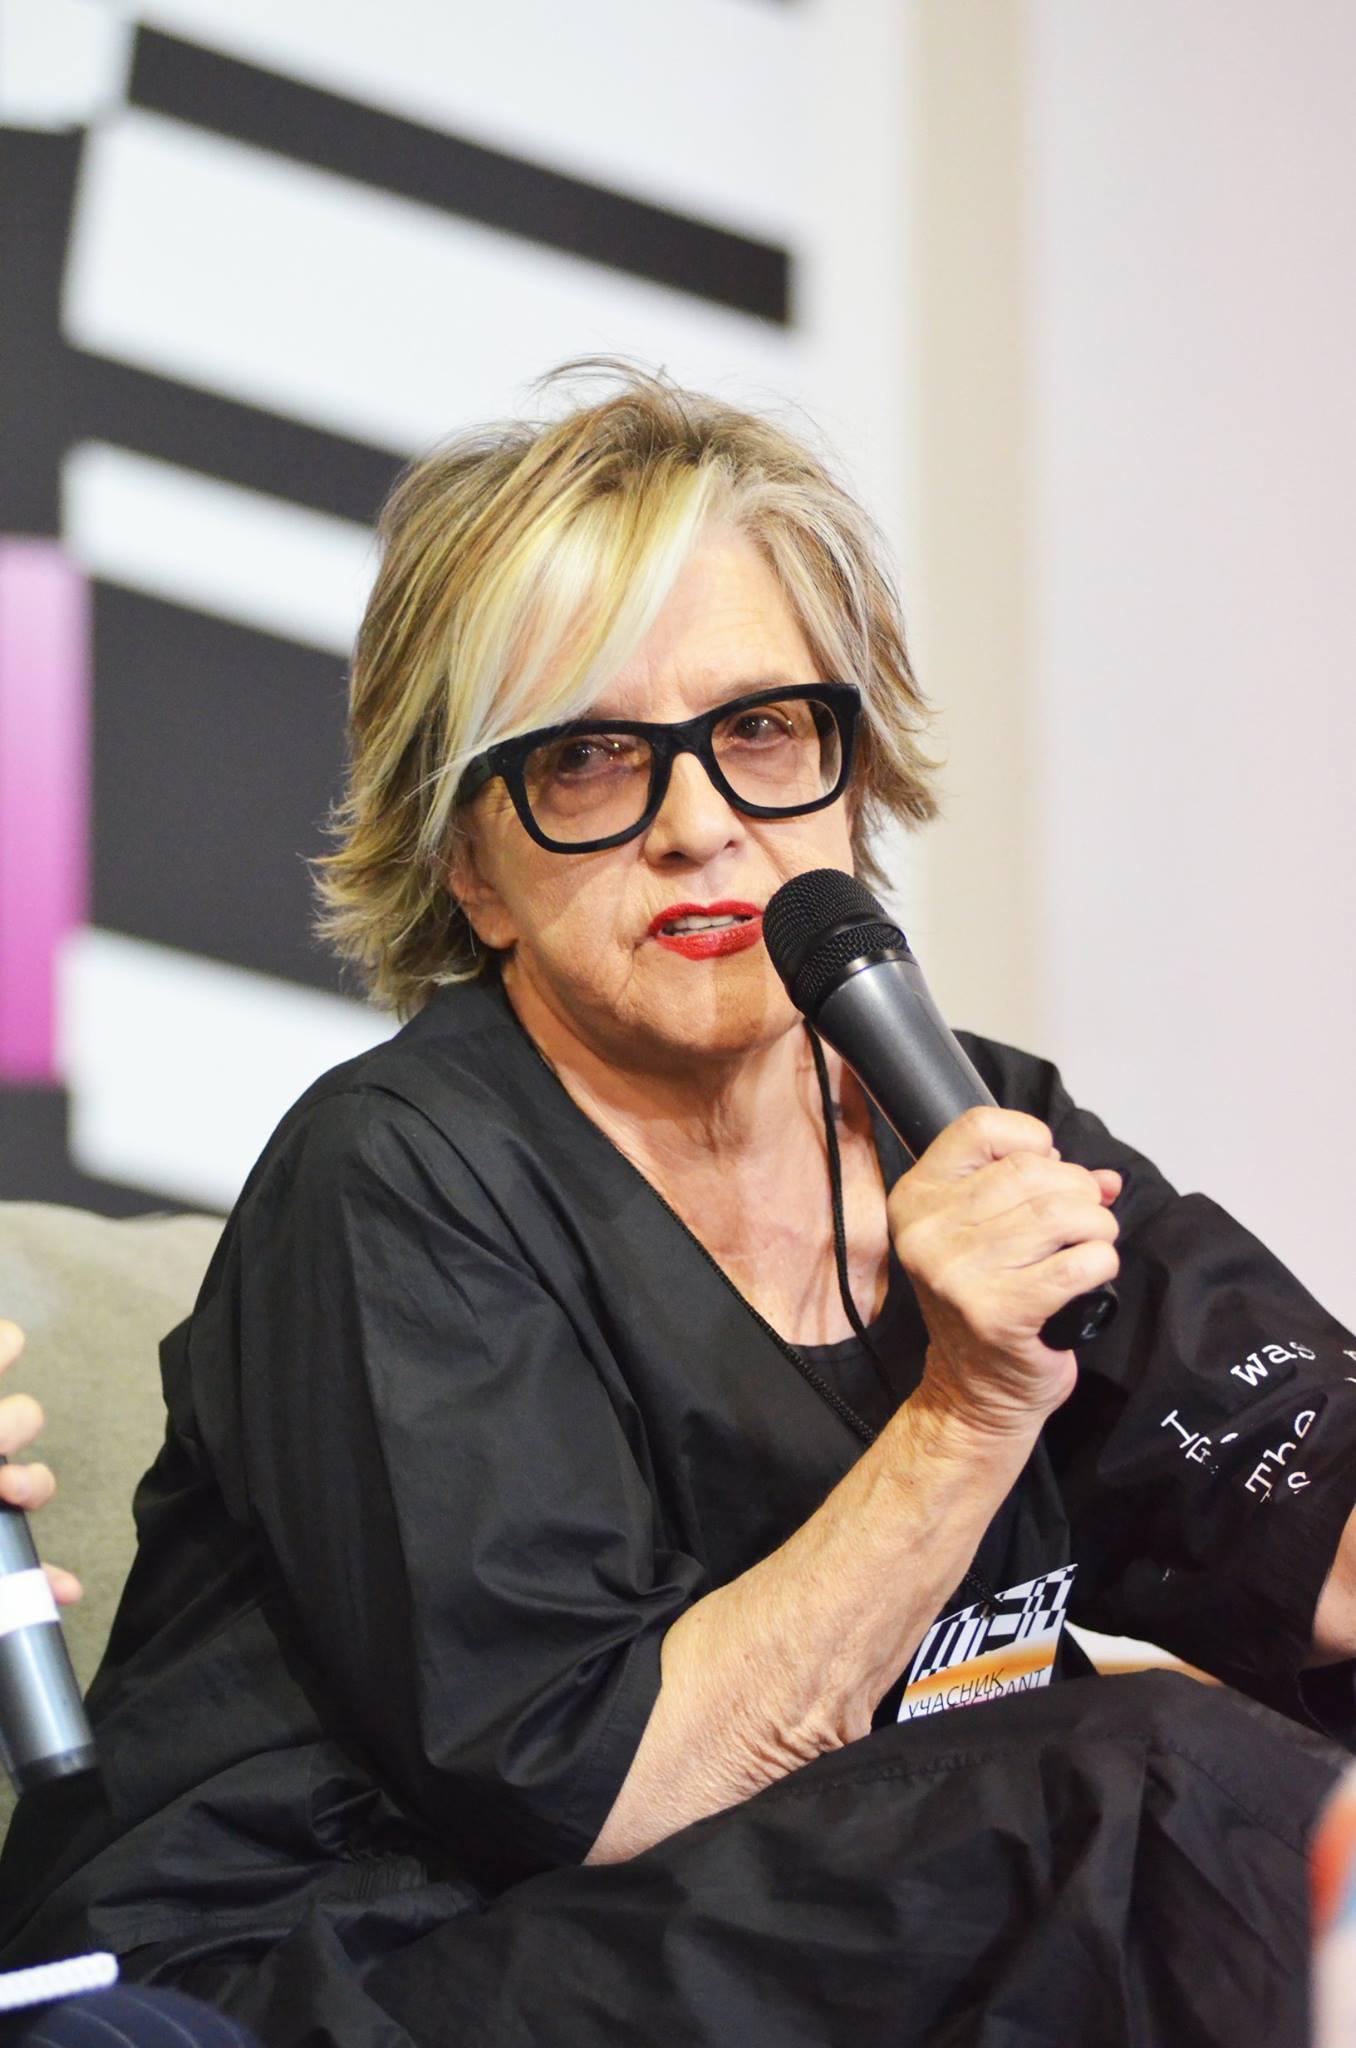 хорватська письменниця і журналісткаСлавенкаДракуліч